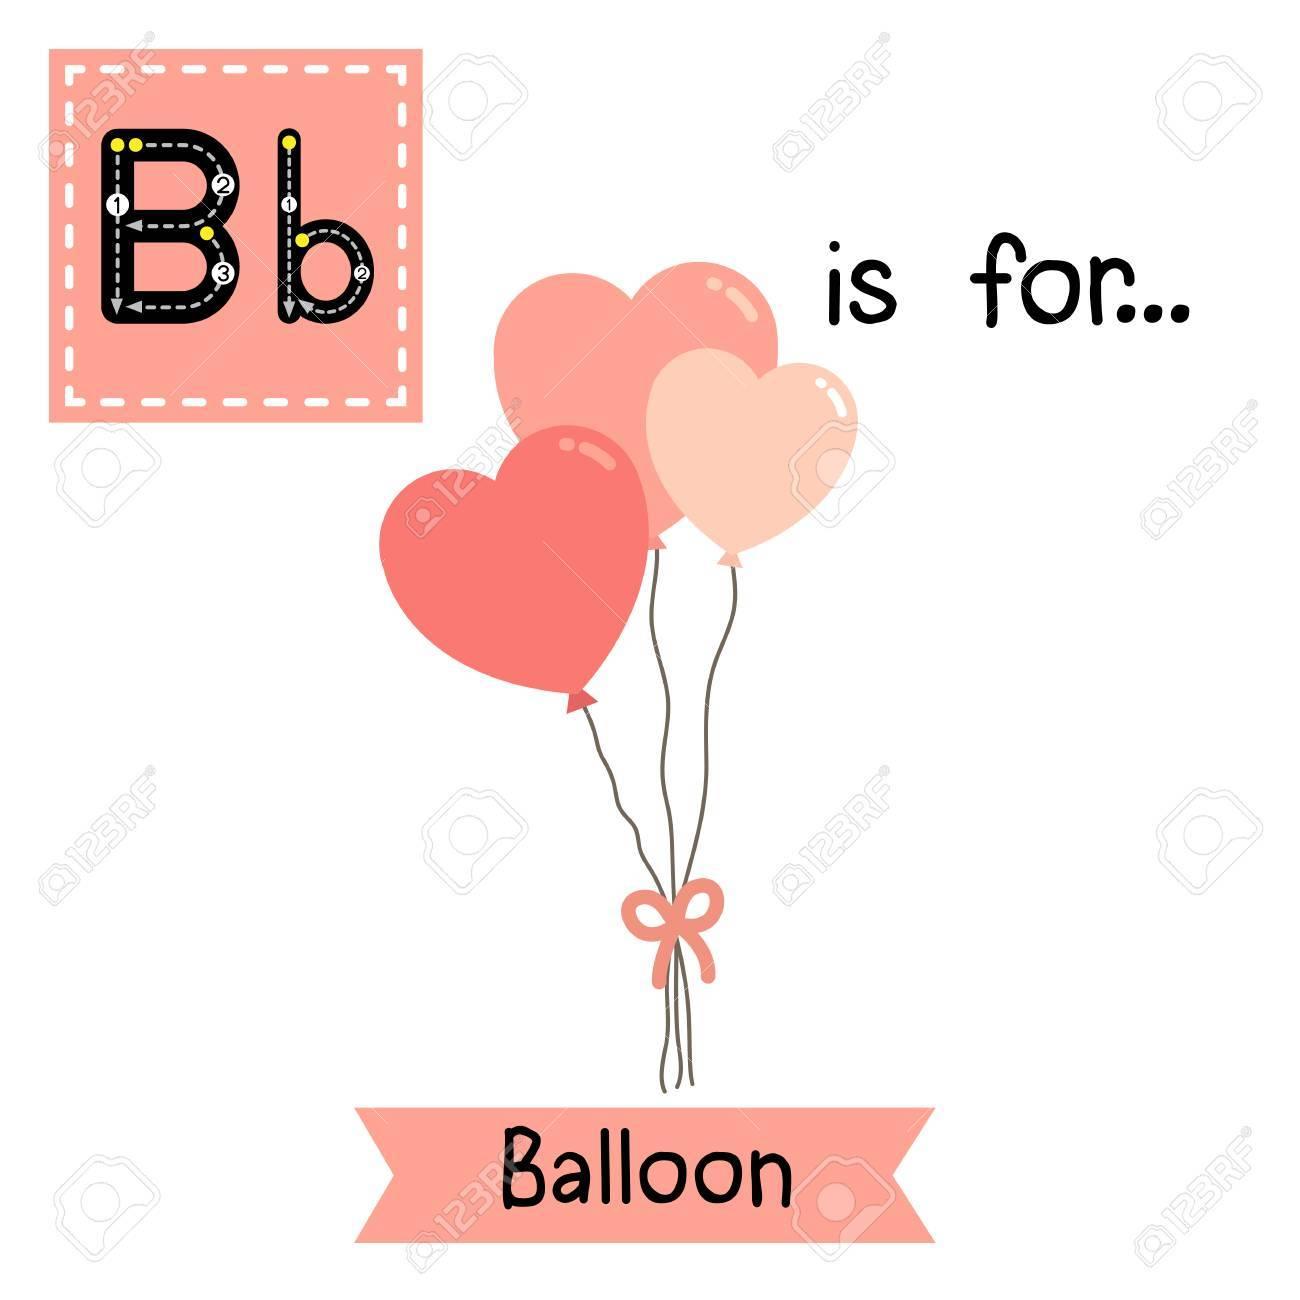 Nette Kinder Abc Alphabet B Brief Tracing Flashcard Von Ballon Für